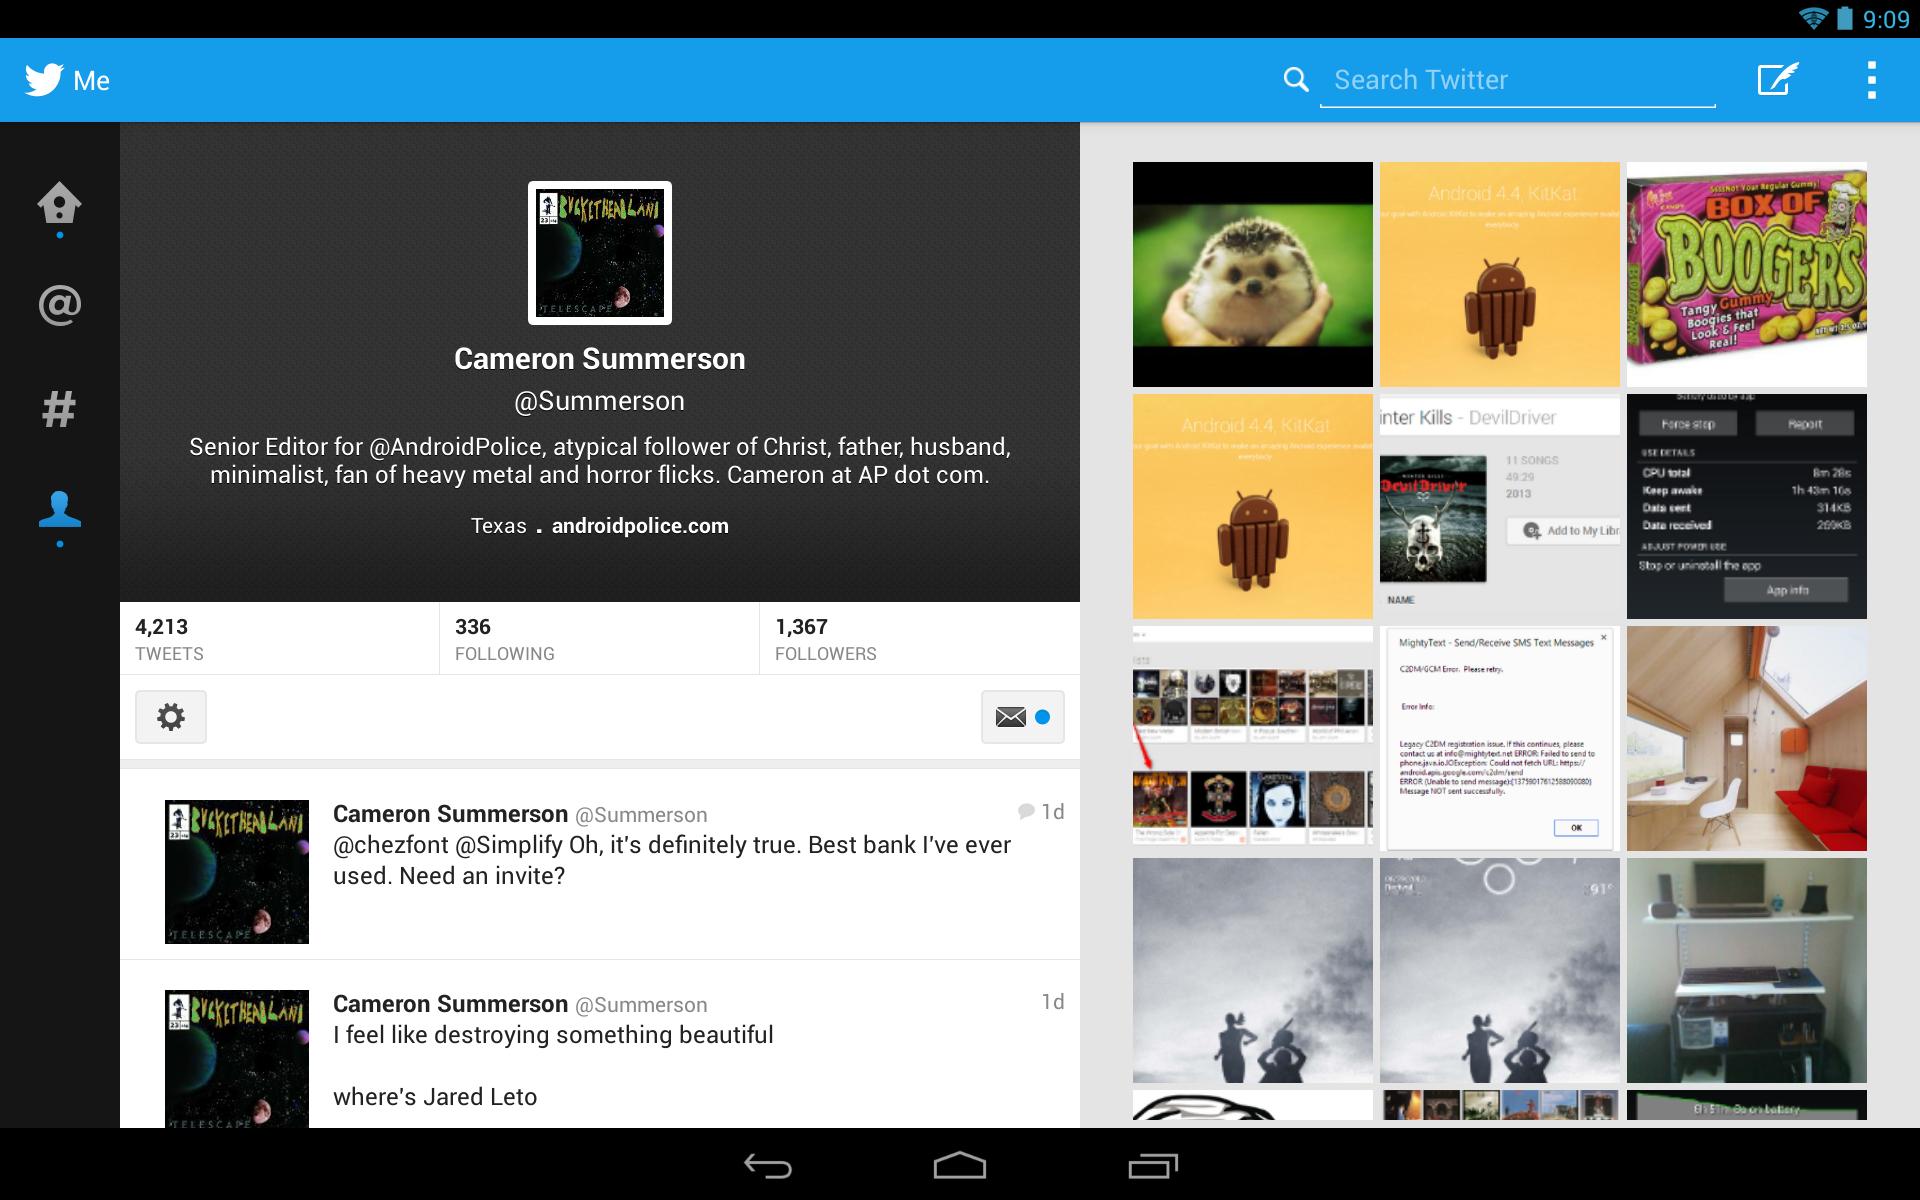 nexusae0 Screenshot 2013 09 08 09 10 01